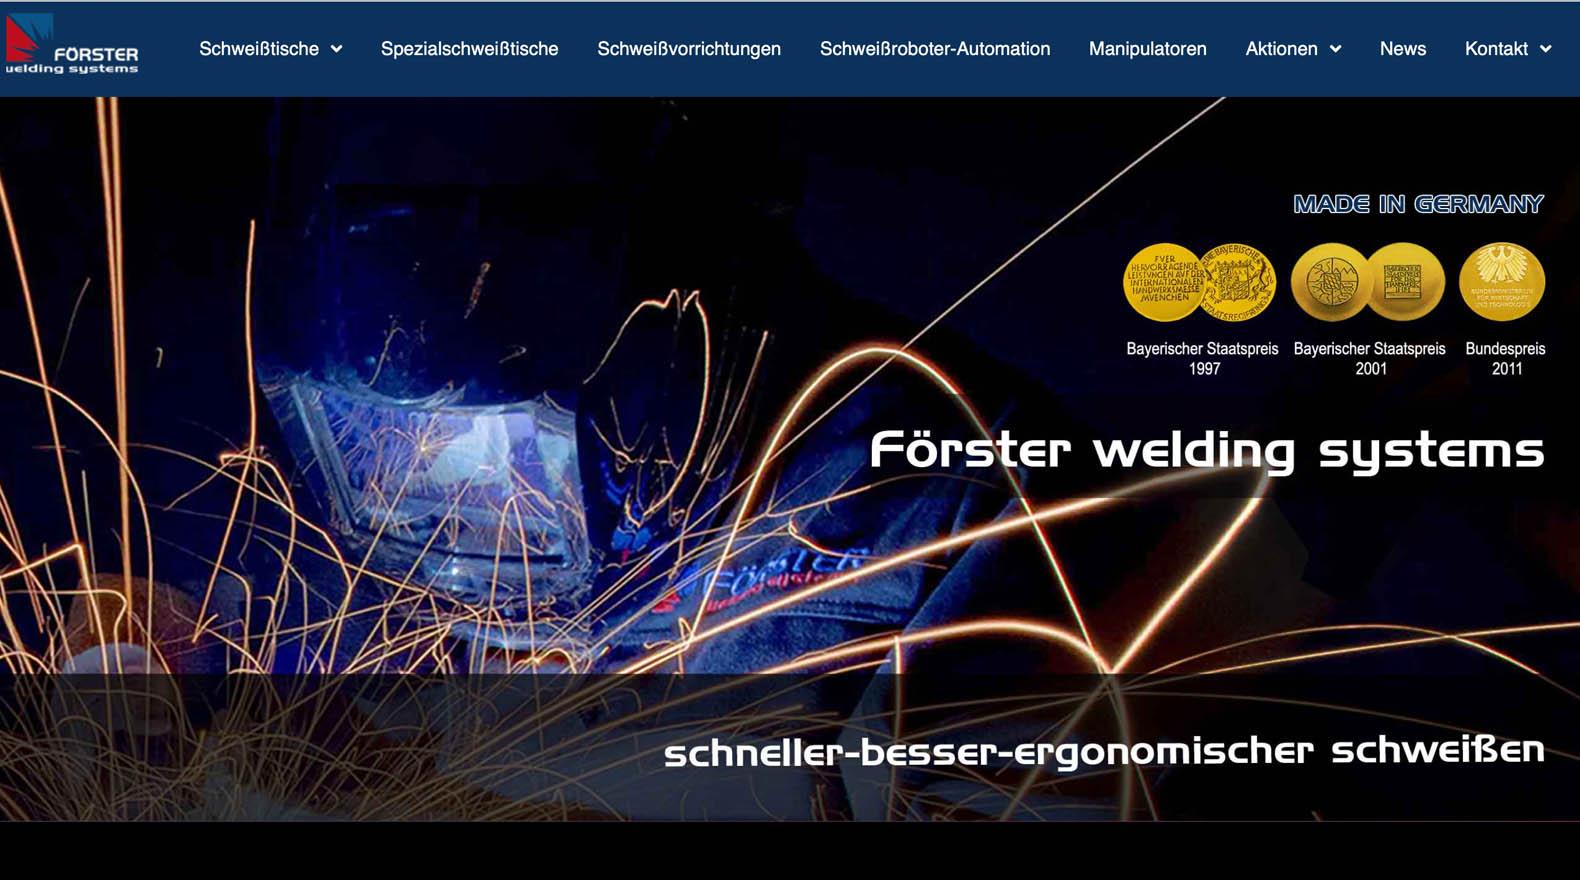 webprojekt-chemnitz-referenz-forster-welding